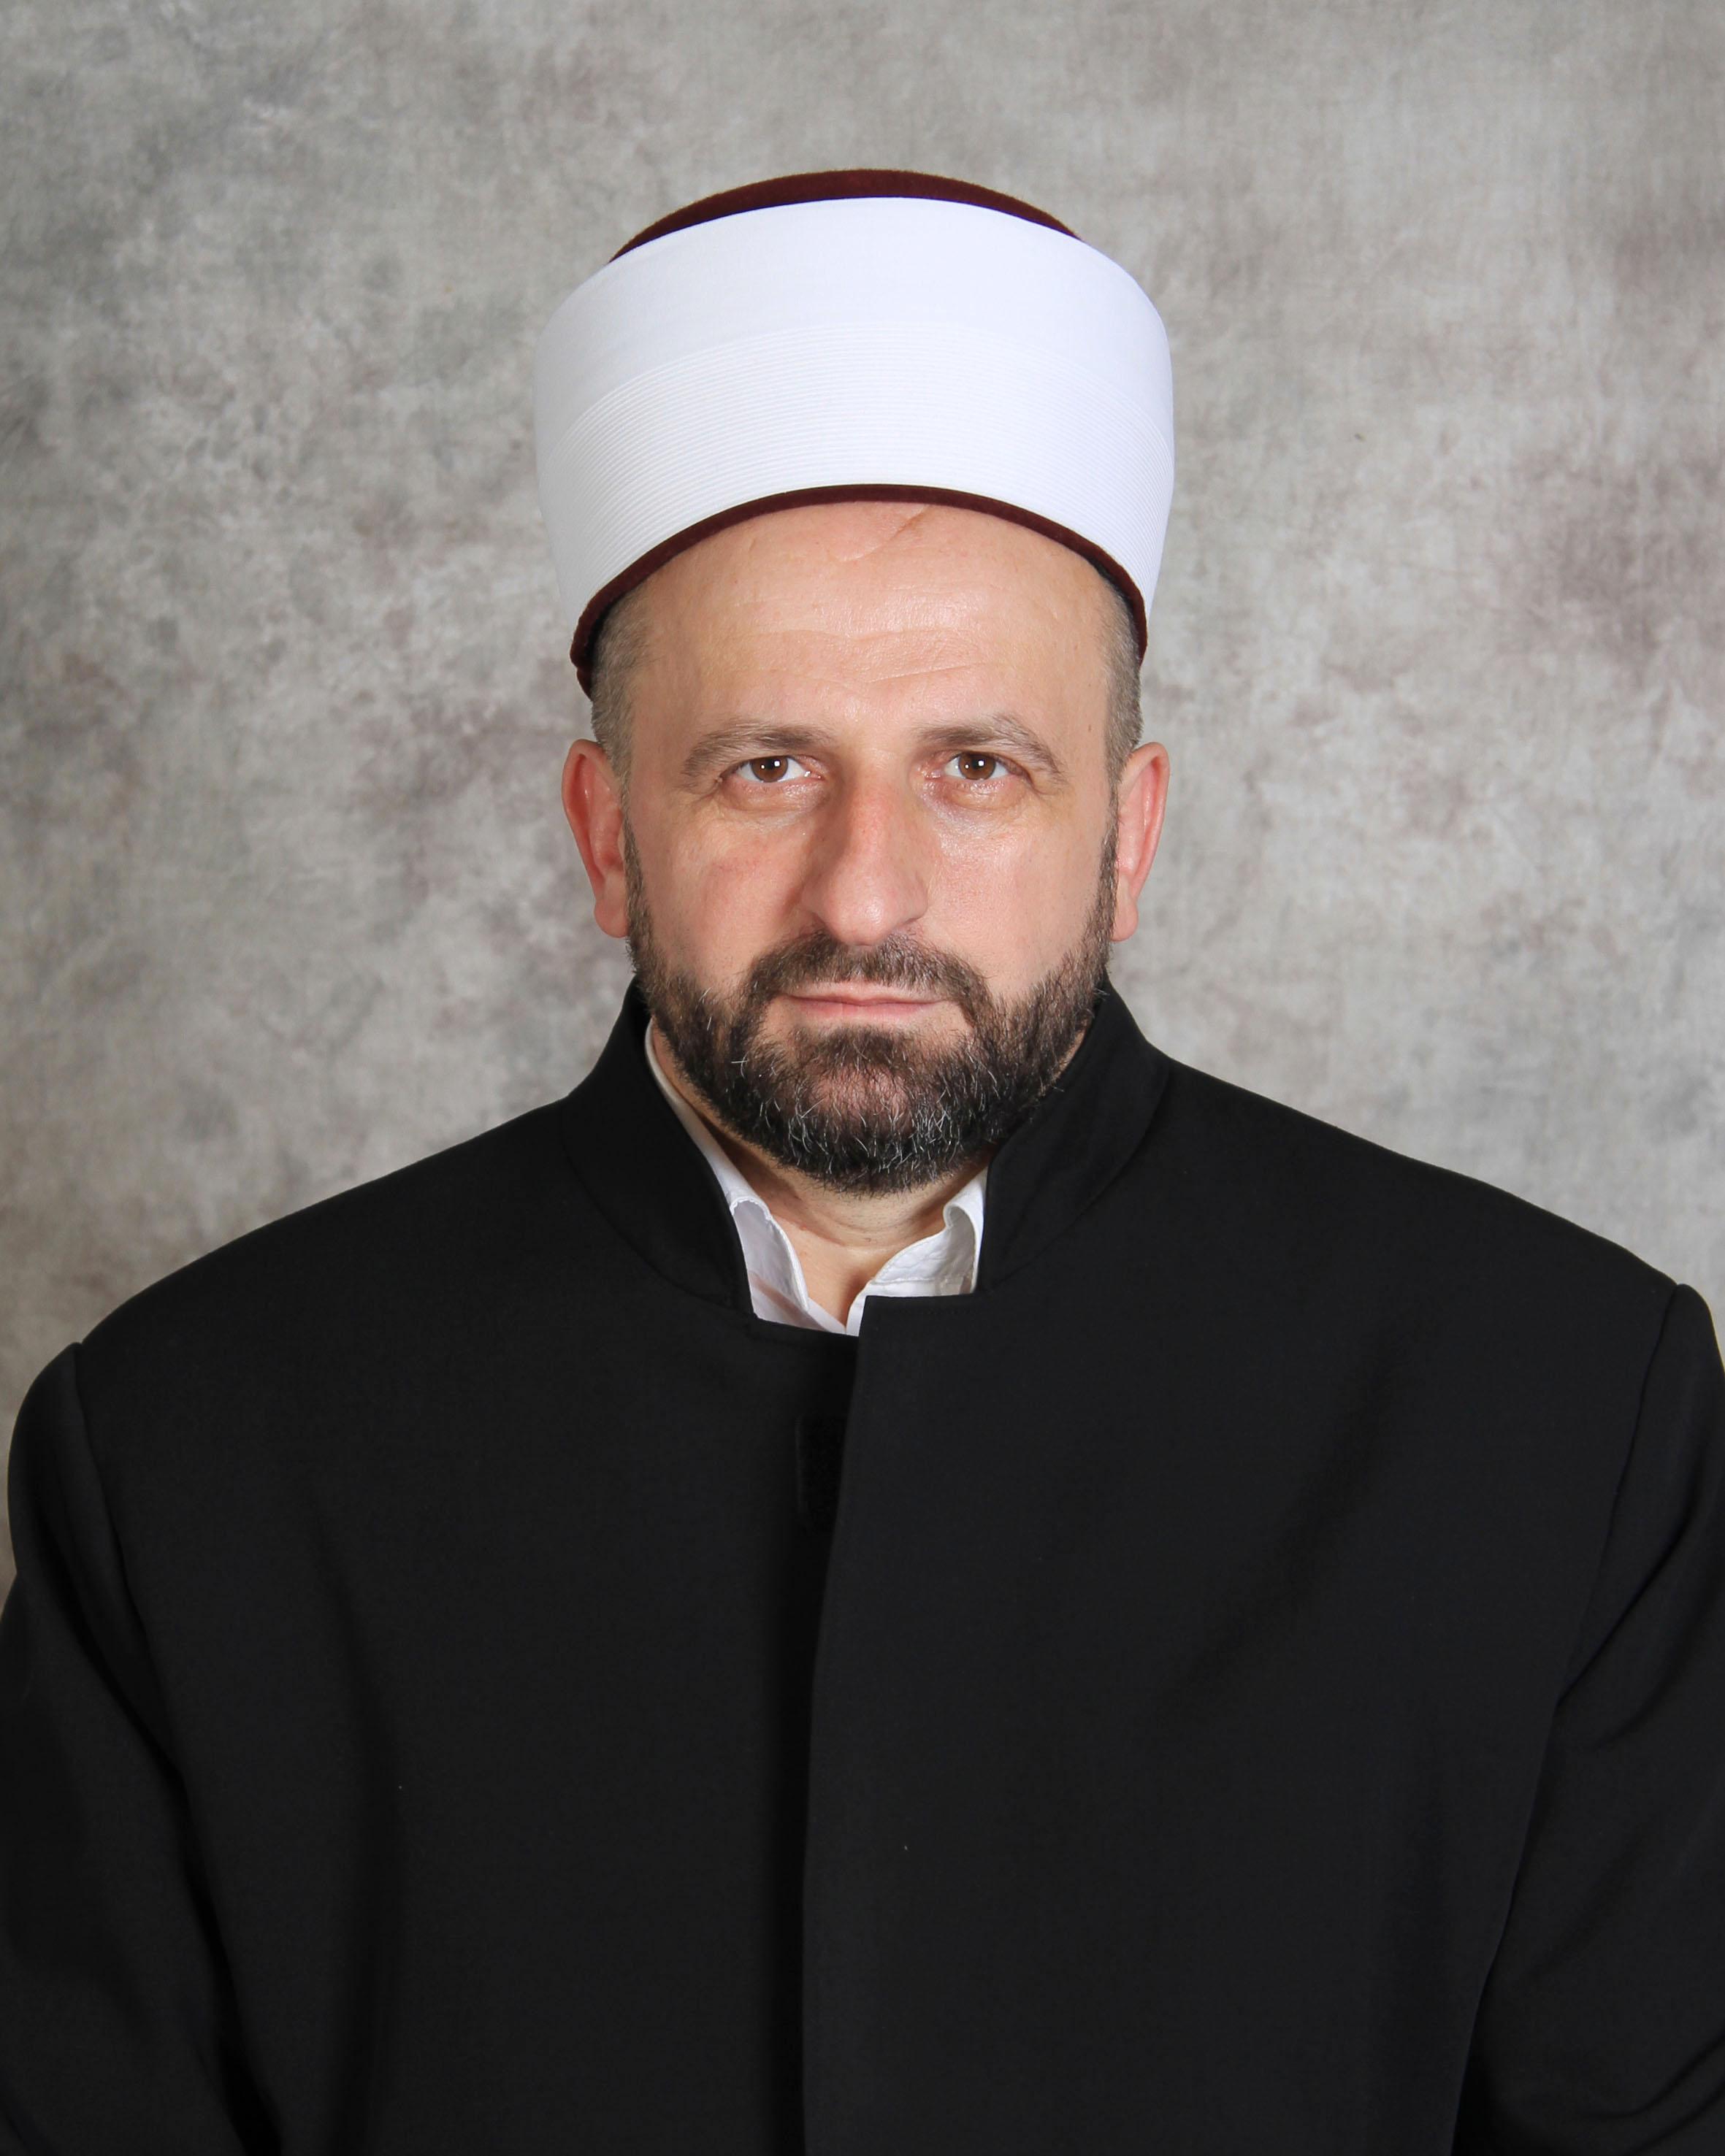 dr. hfz. Džemail Ibranović - Sulejmanija džamija